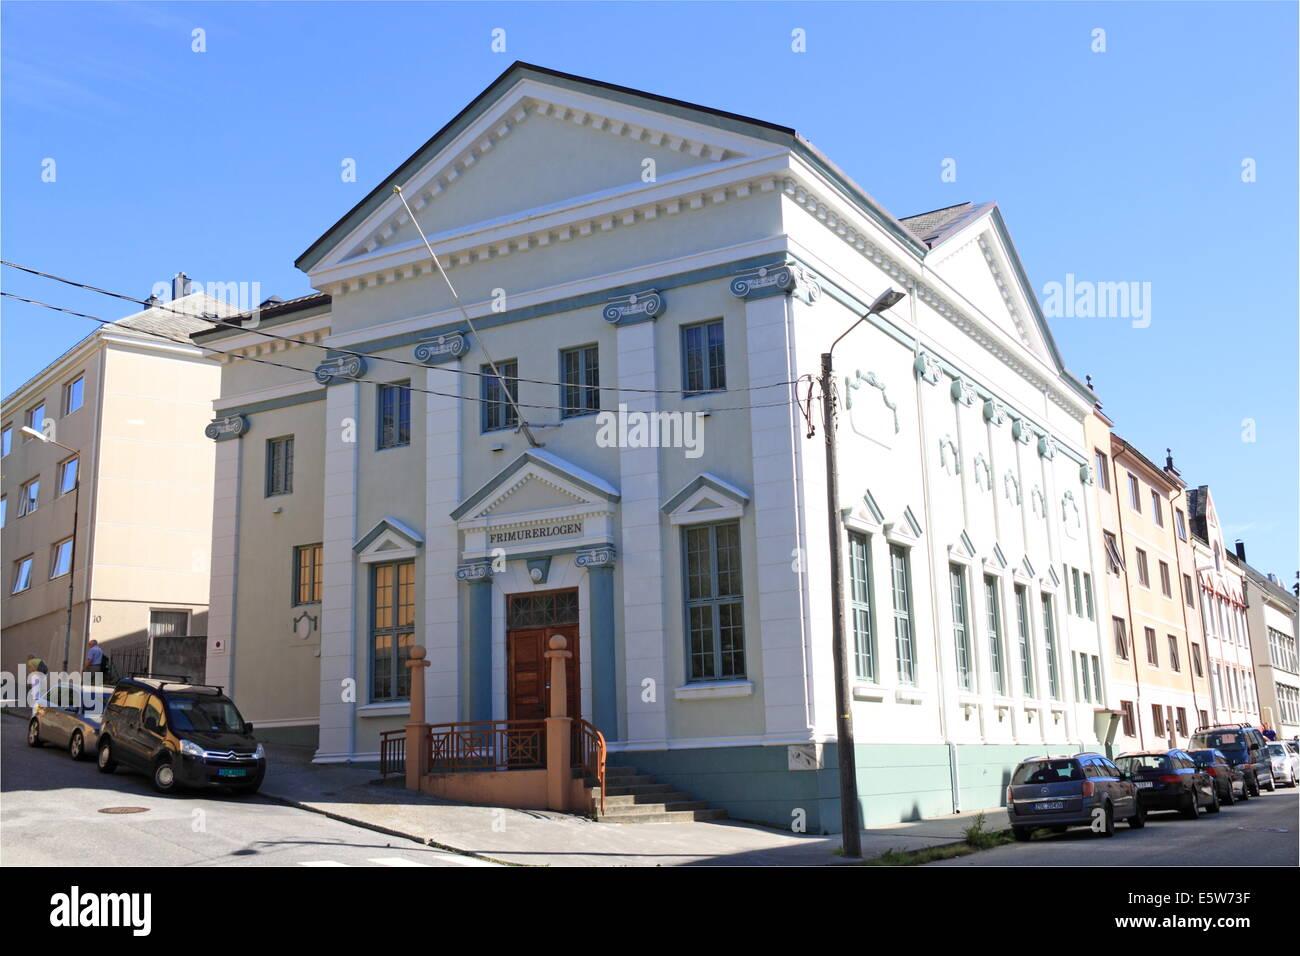 Frimurerlogen (Freemason Lodge), Giskegaten, Ålesund, Sunnmøre, Møre og Romsdal, Vestlandet, Norway, - Stock Image